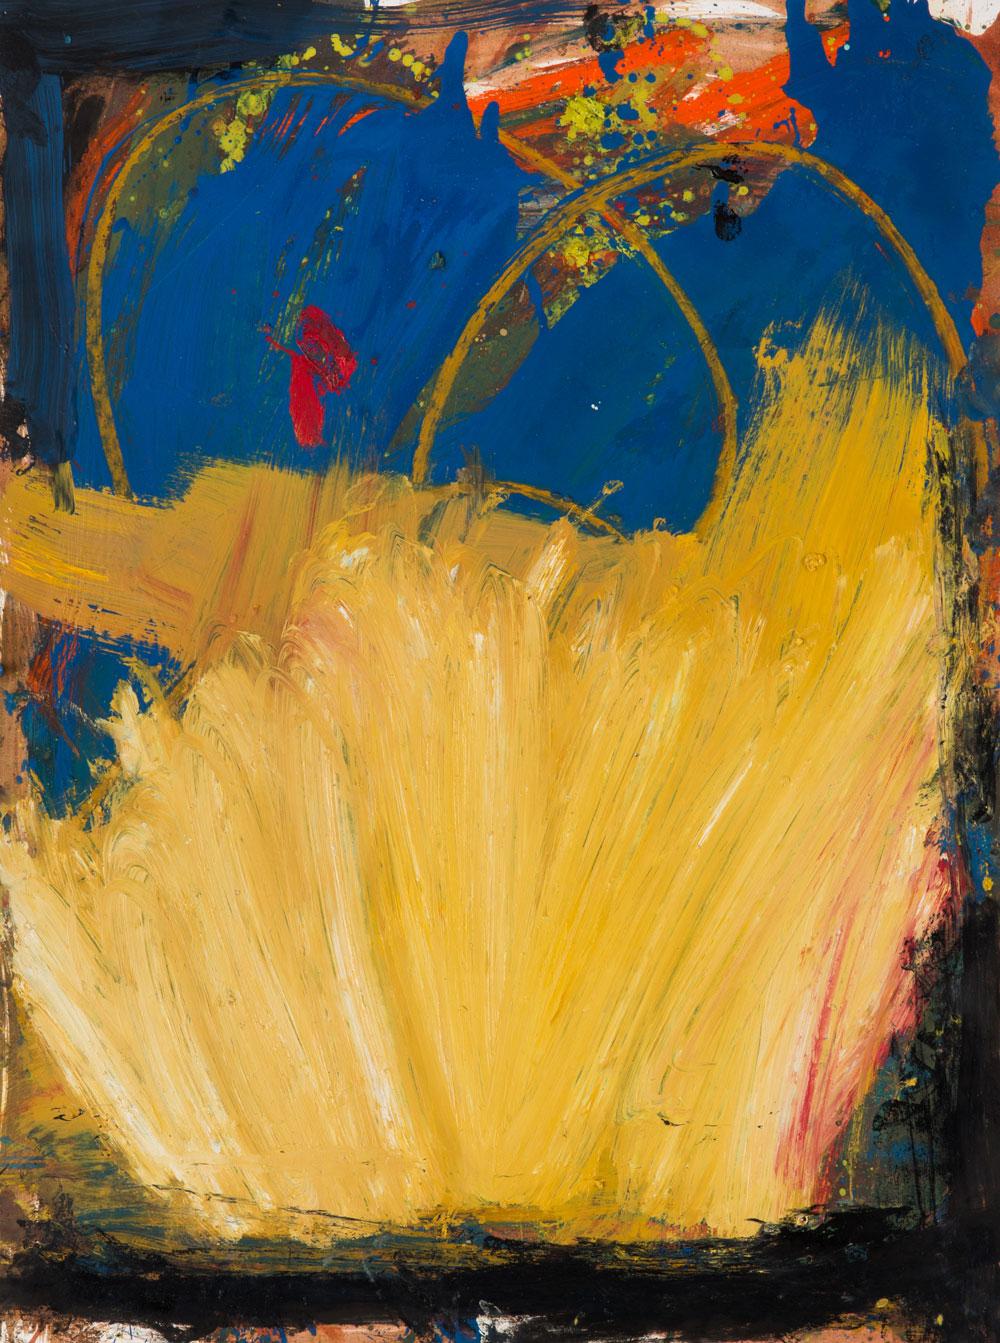 Vesuvius  , oil on paper, 24x18 in. ©Denise Gale 2015